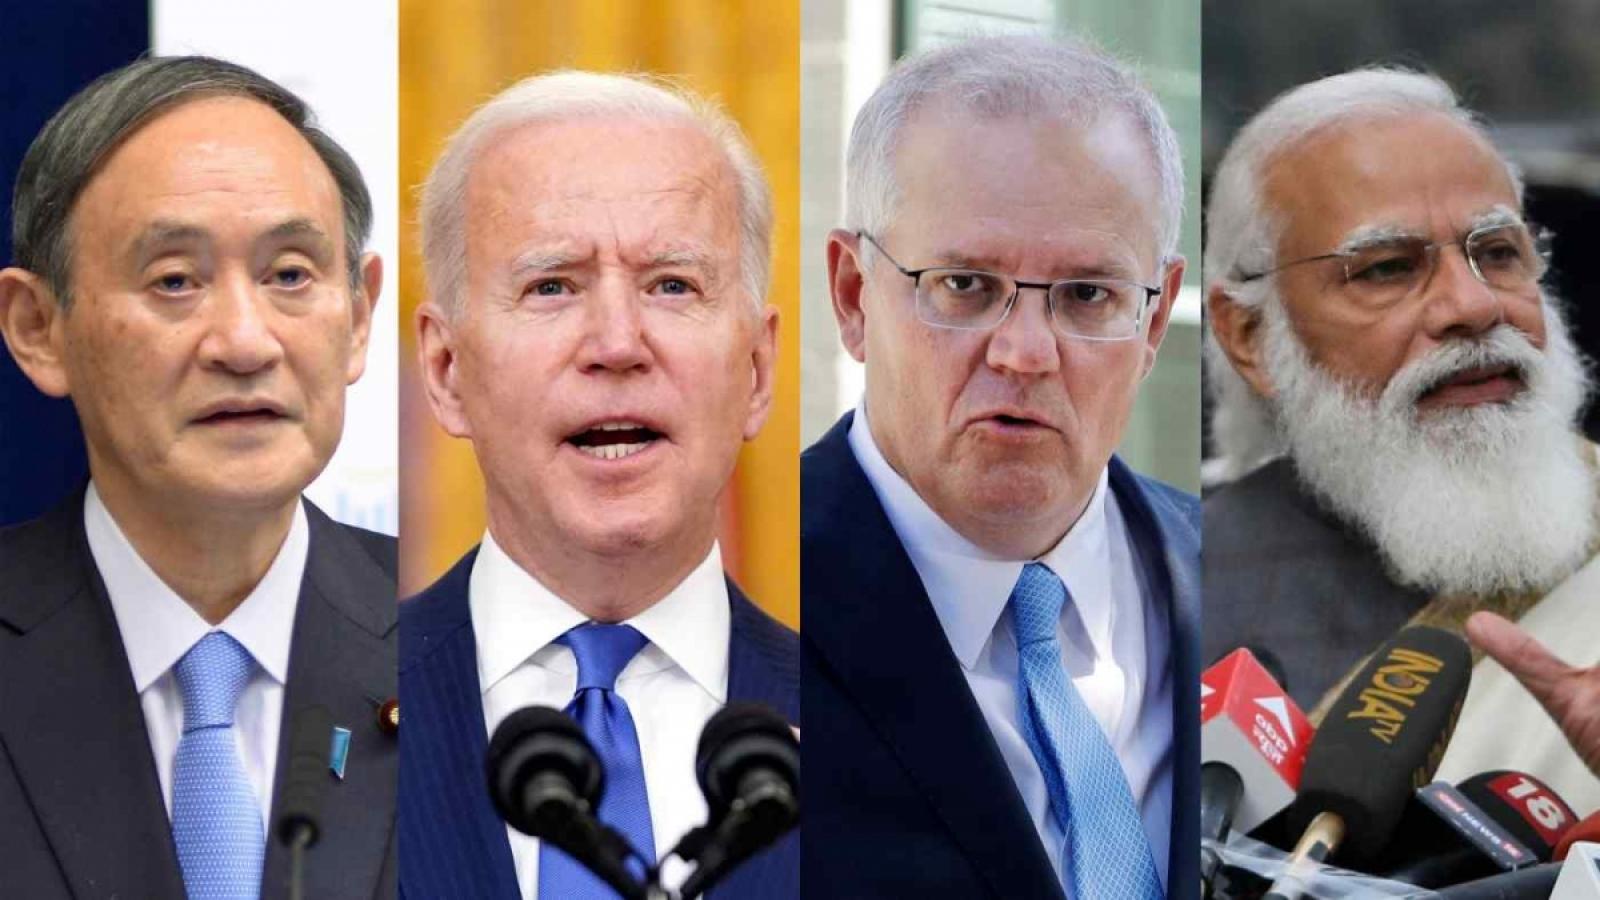 Tổng thống Mỹ Joe Biden sẽ chủ trì cuộc họp nhóm Bộ Tứ